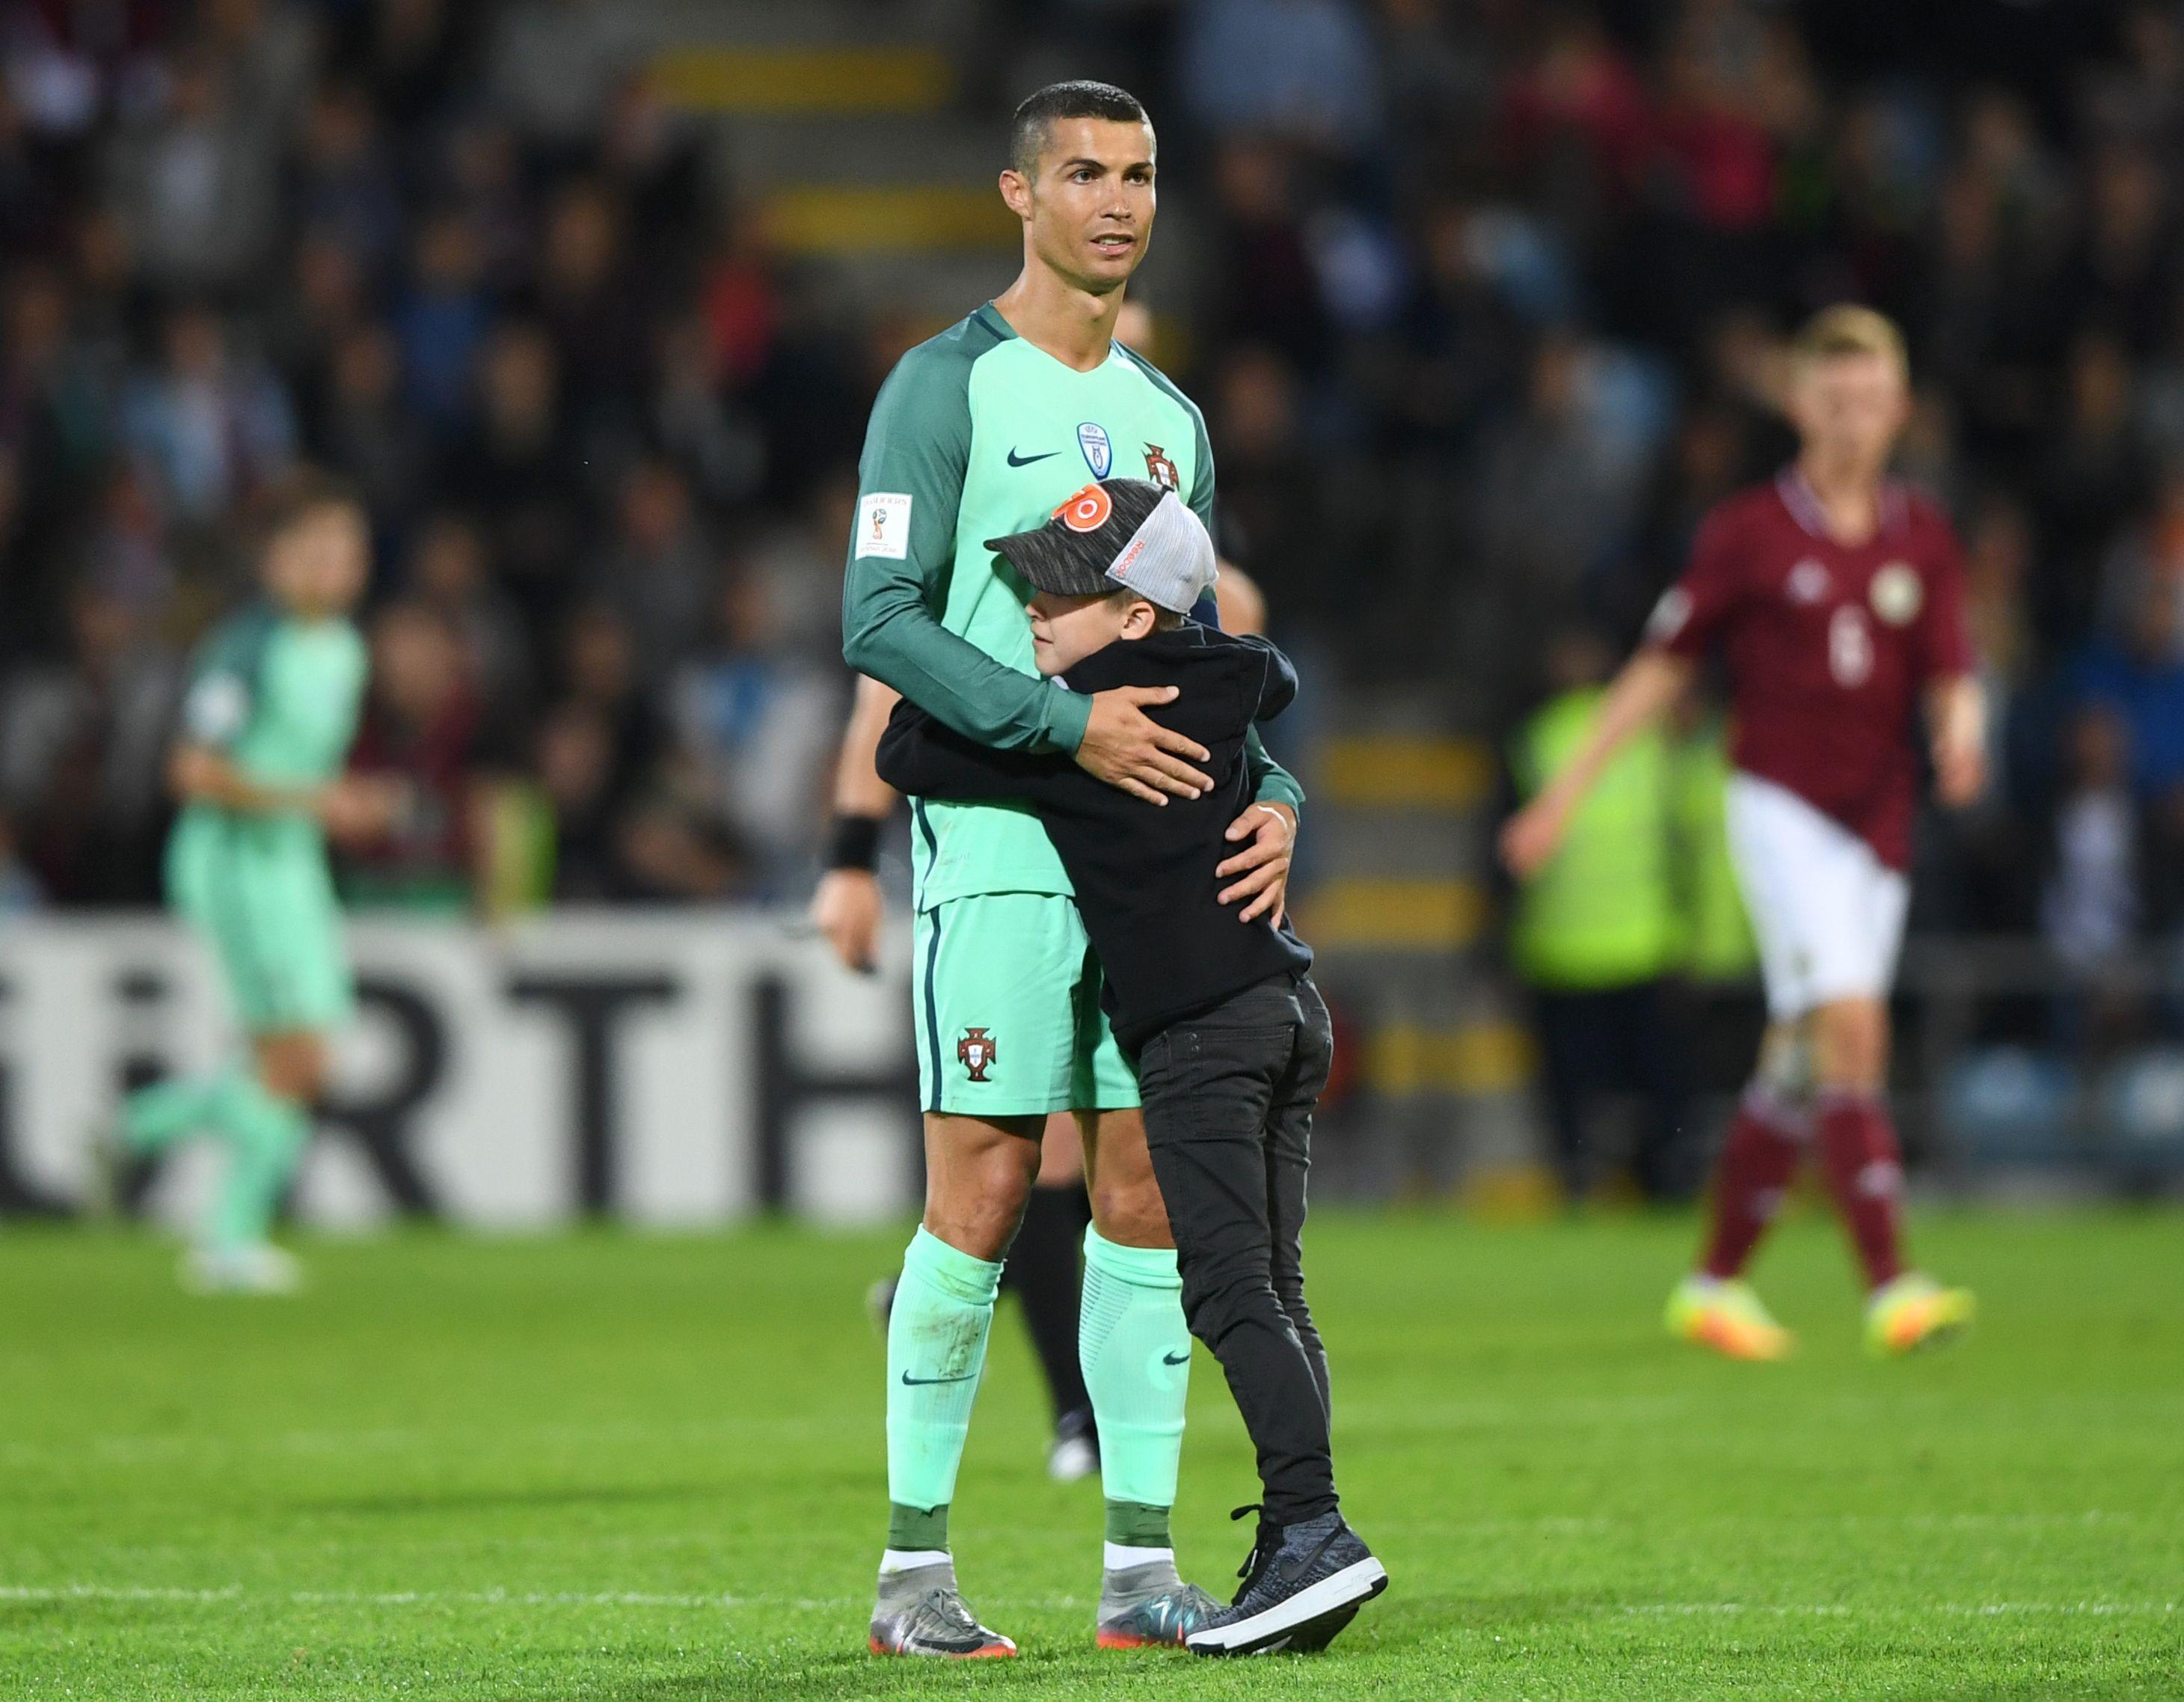 Uol Esporte Cristiano Ronaldo Tem Atitude Carinhosa Com Crianca Que Invadiu Jogo De Portugal Cristiano Ronaldo Ronaldo Imagens De Futebol